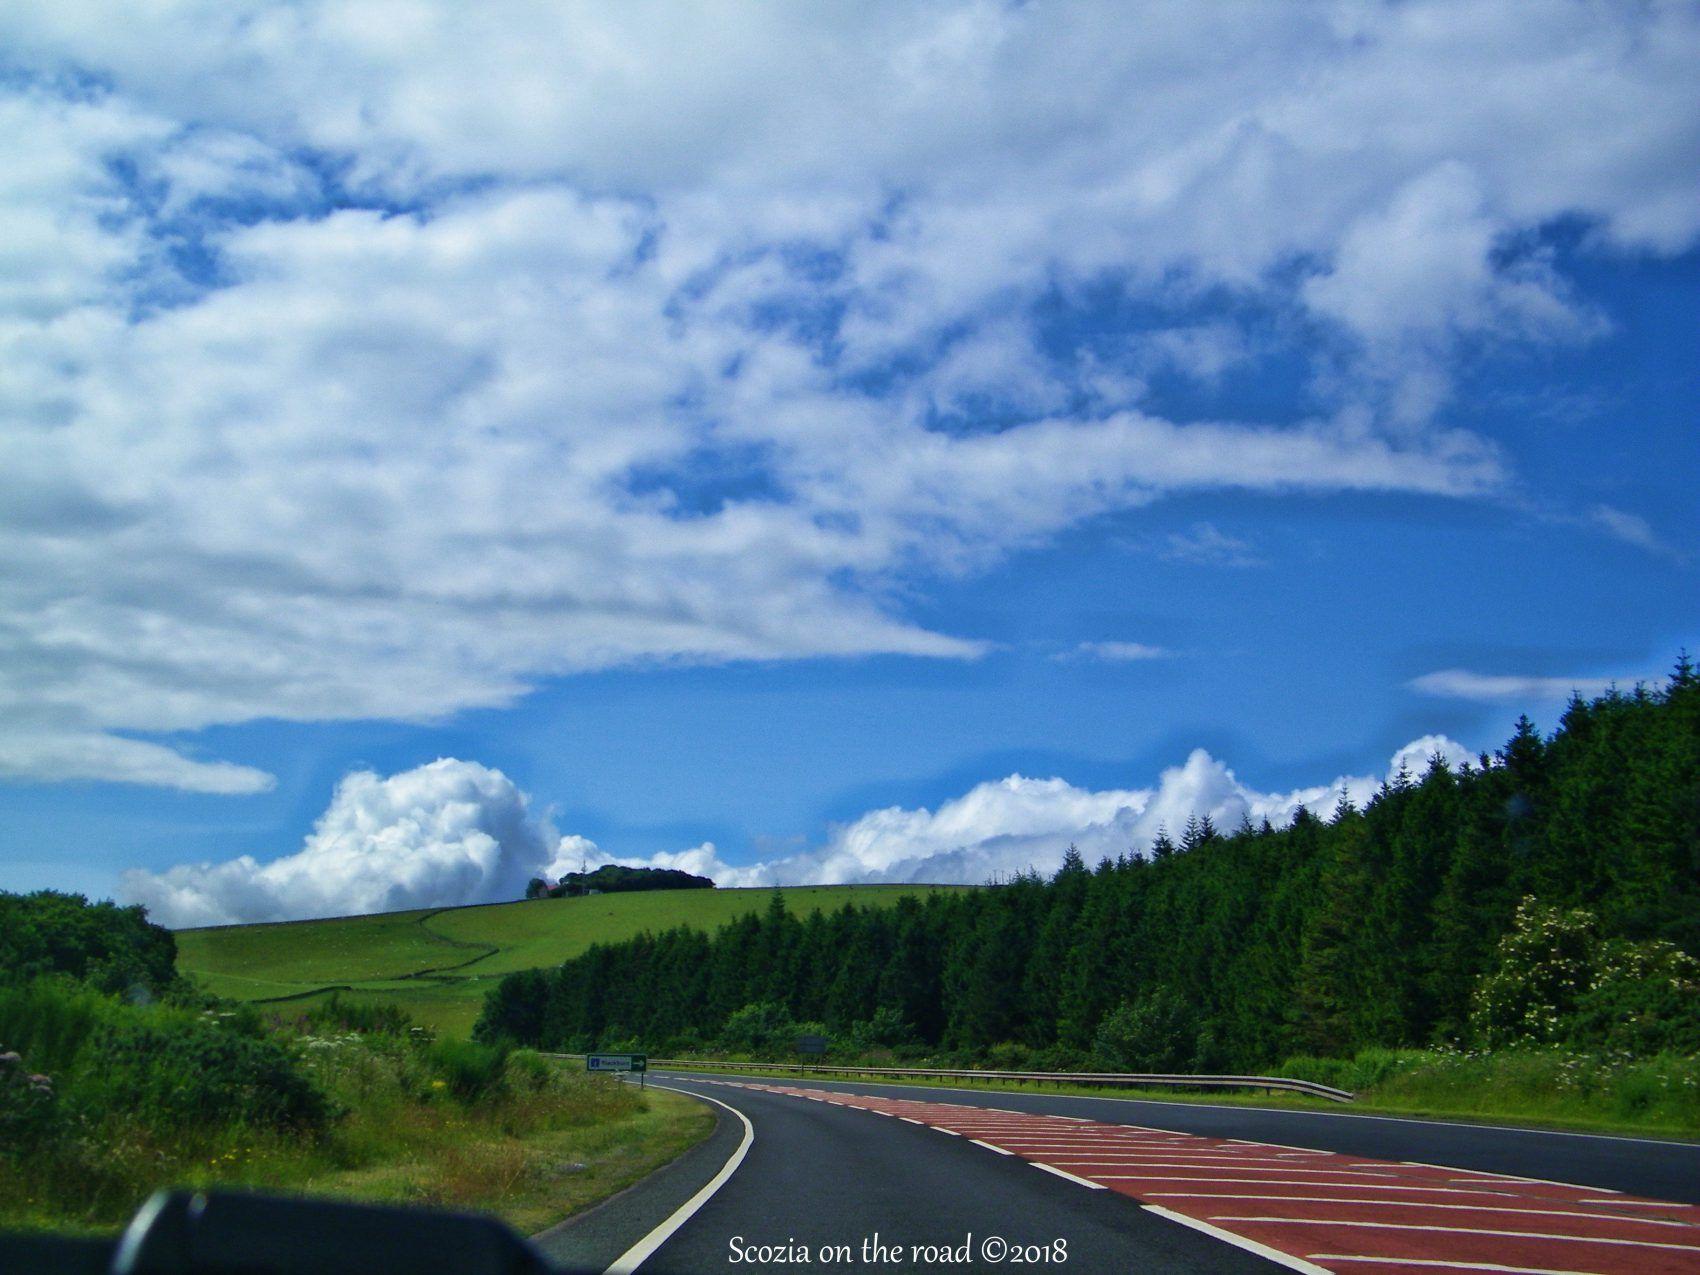 Scozia: come organizzare un viaggio